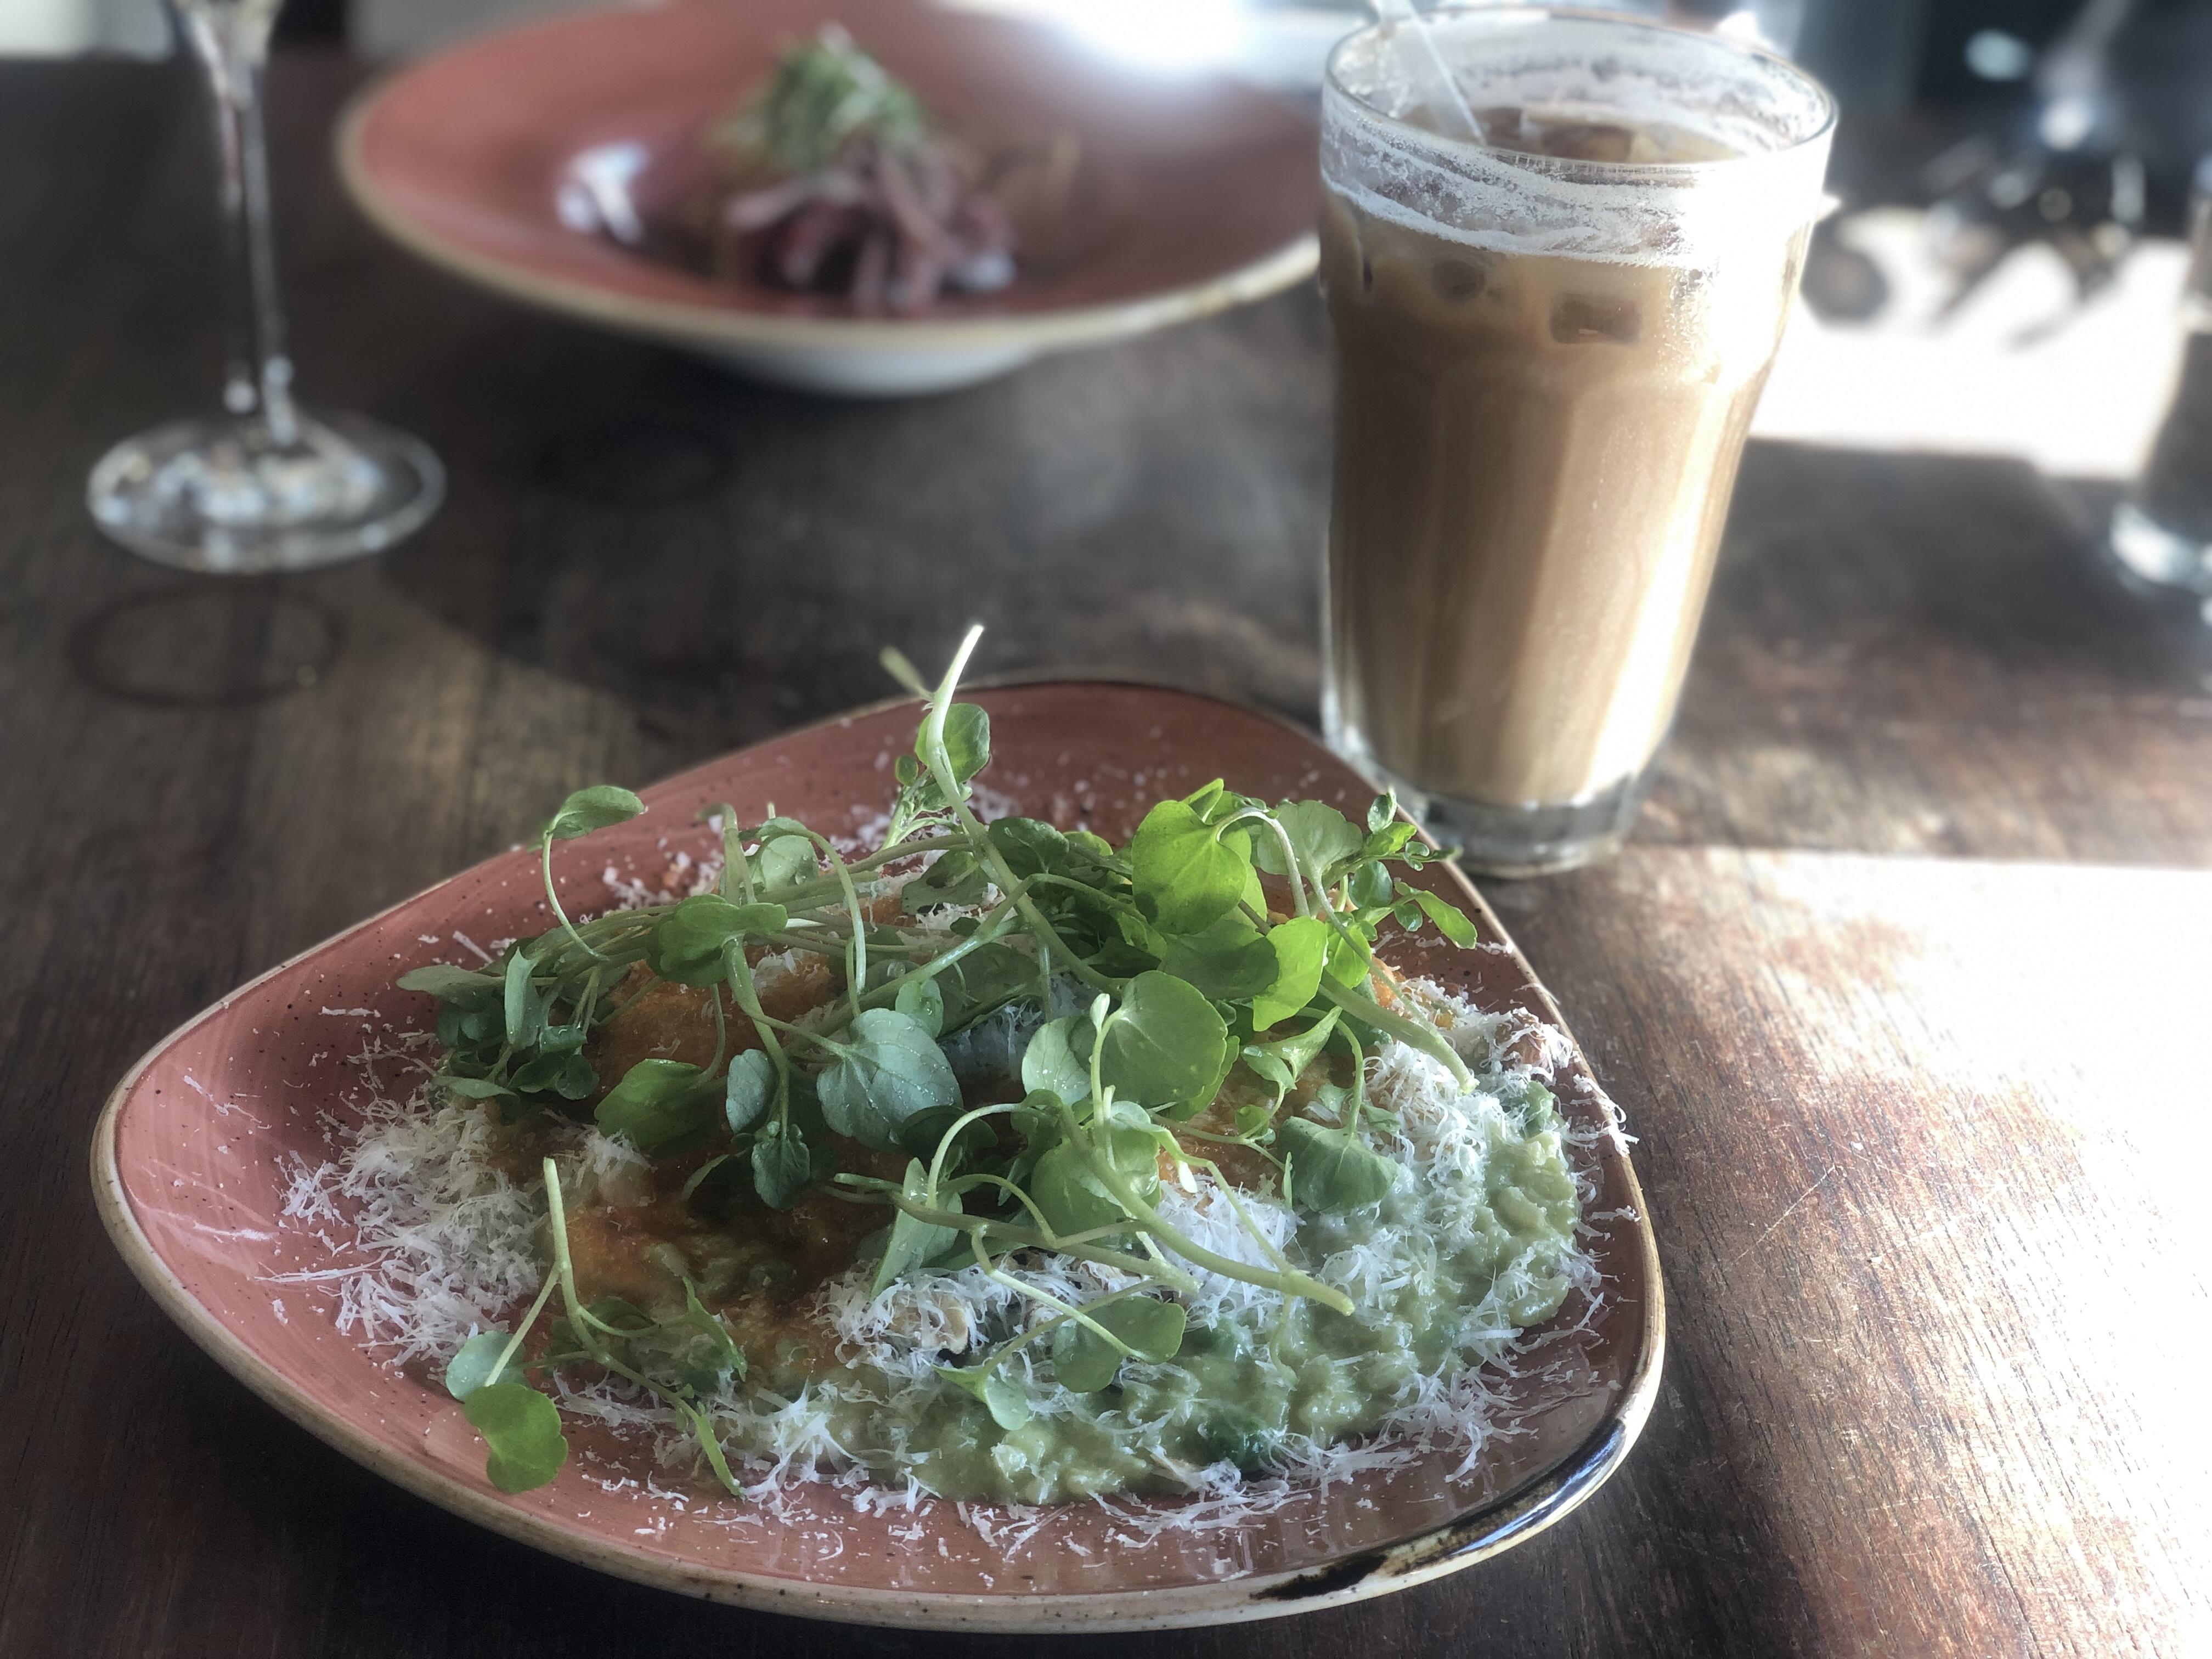 Lyxshopping & Restaurang La Grapa